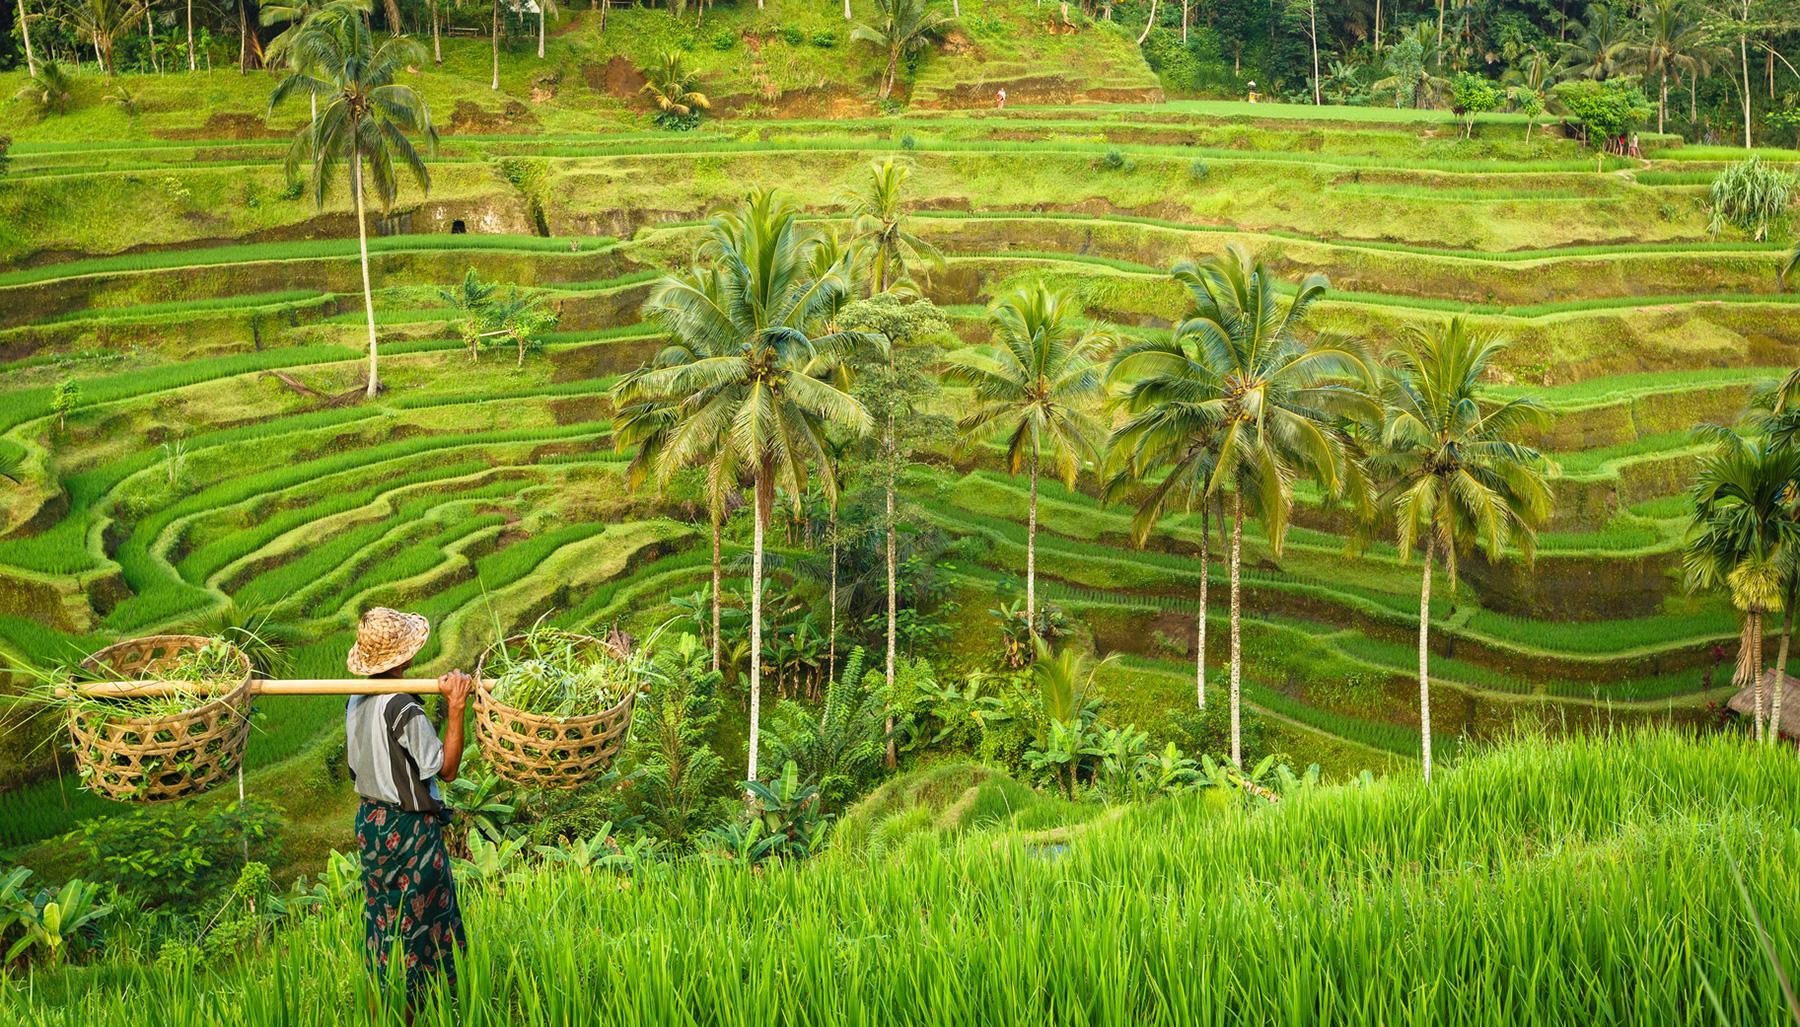 Meilleur site de rencontres Bali